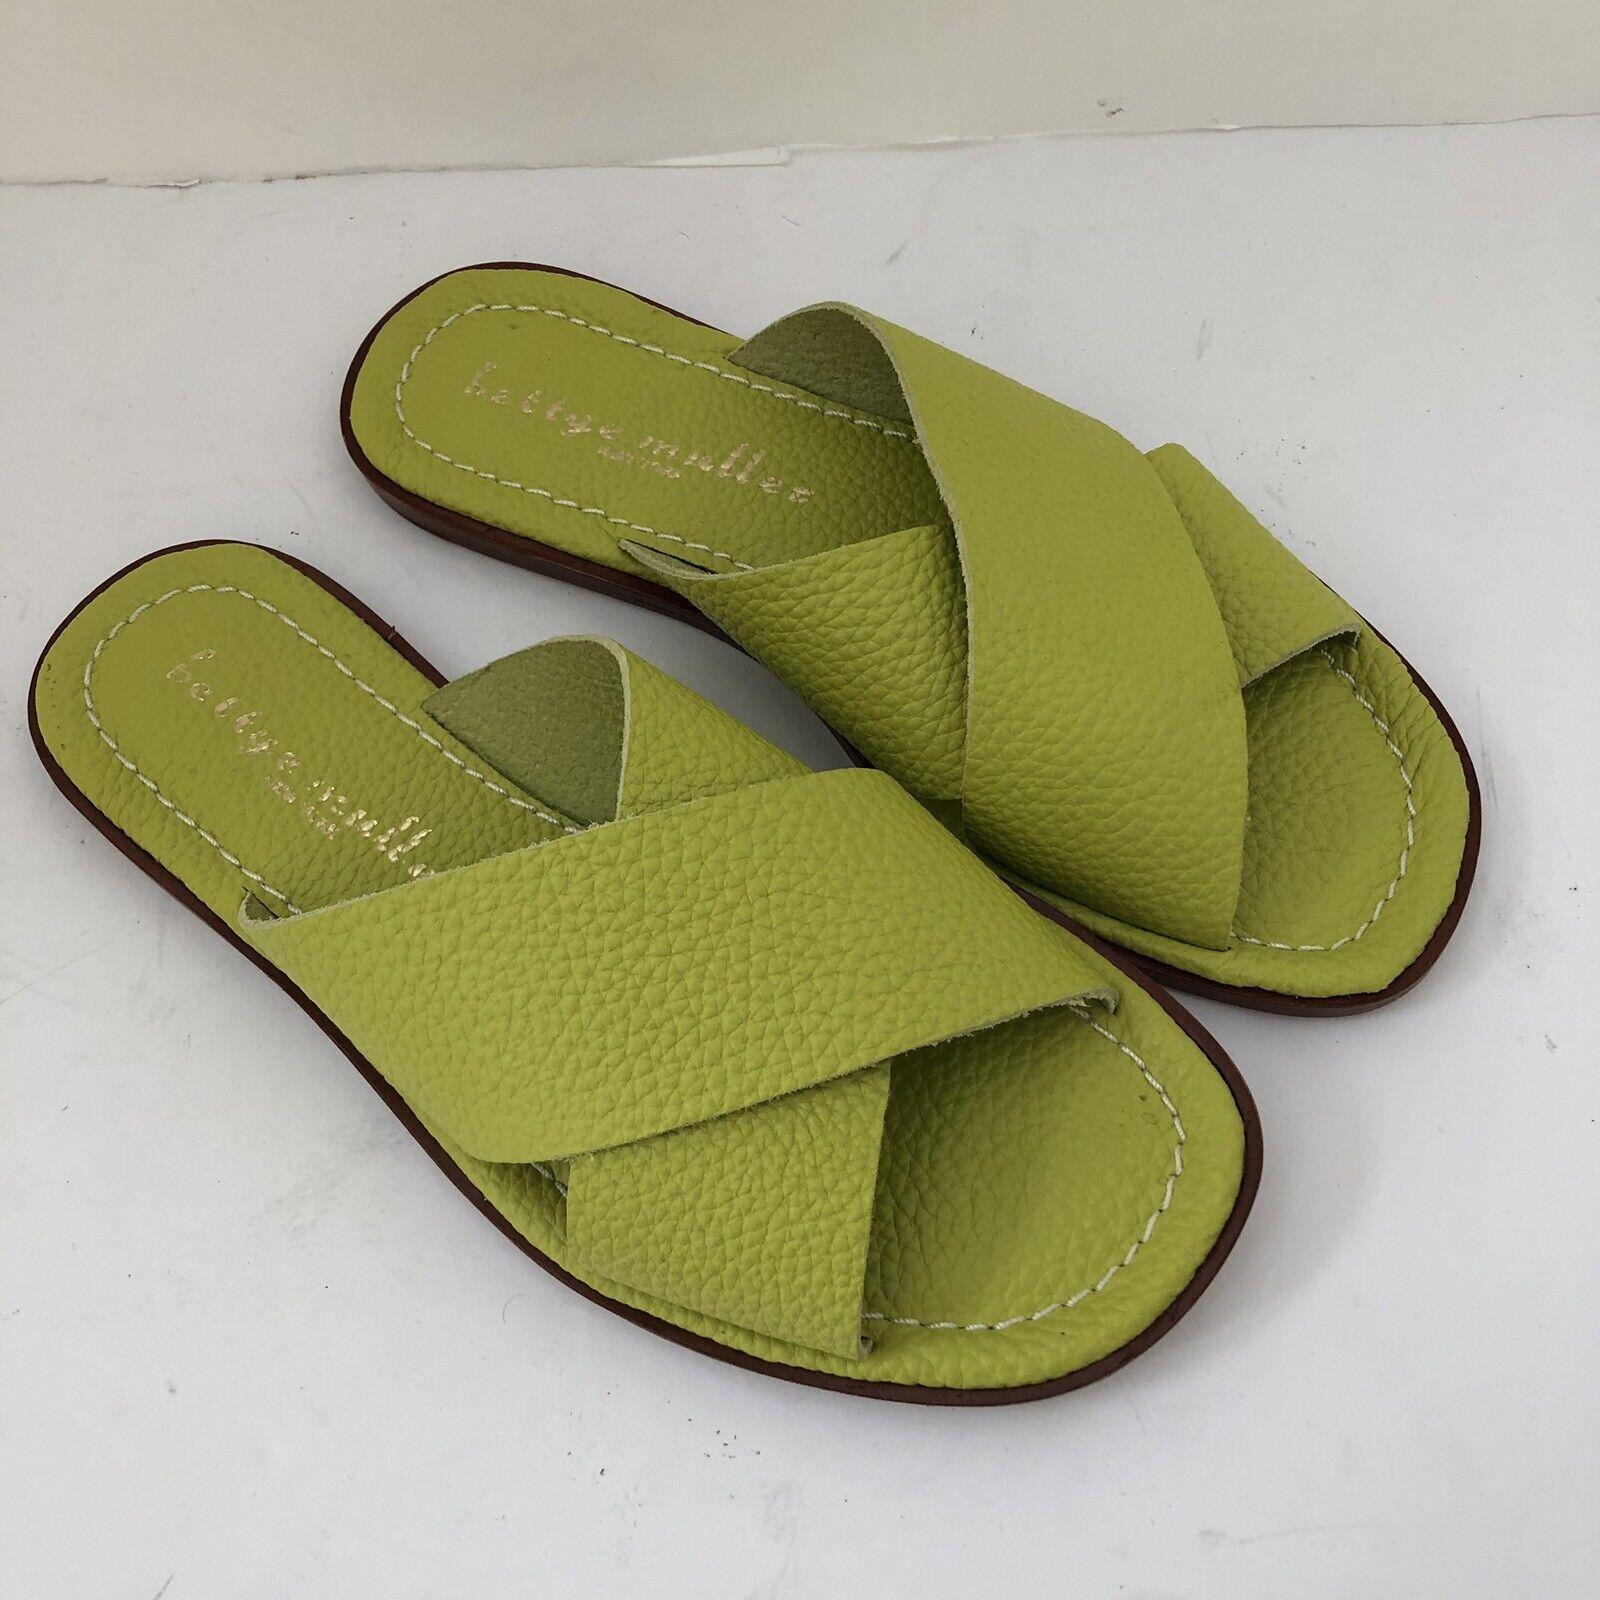 Bettye Muller Women's Keen Keen Keen Crisscross Slide Sandals 7.5  189 ce4922